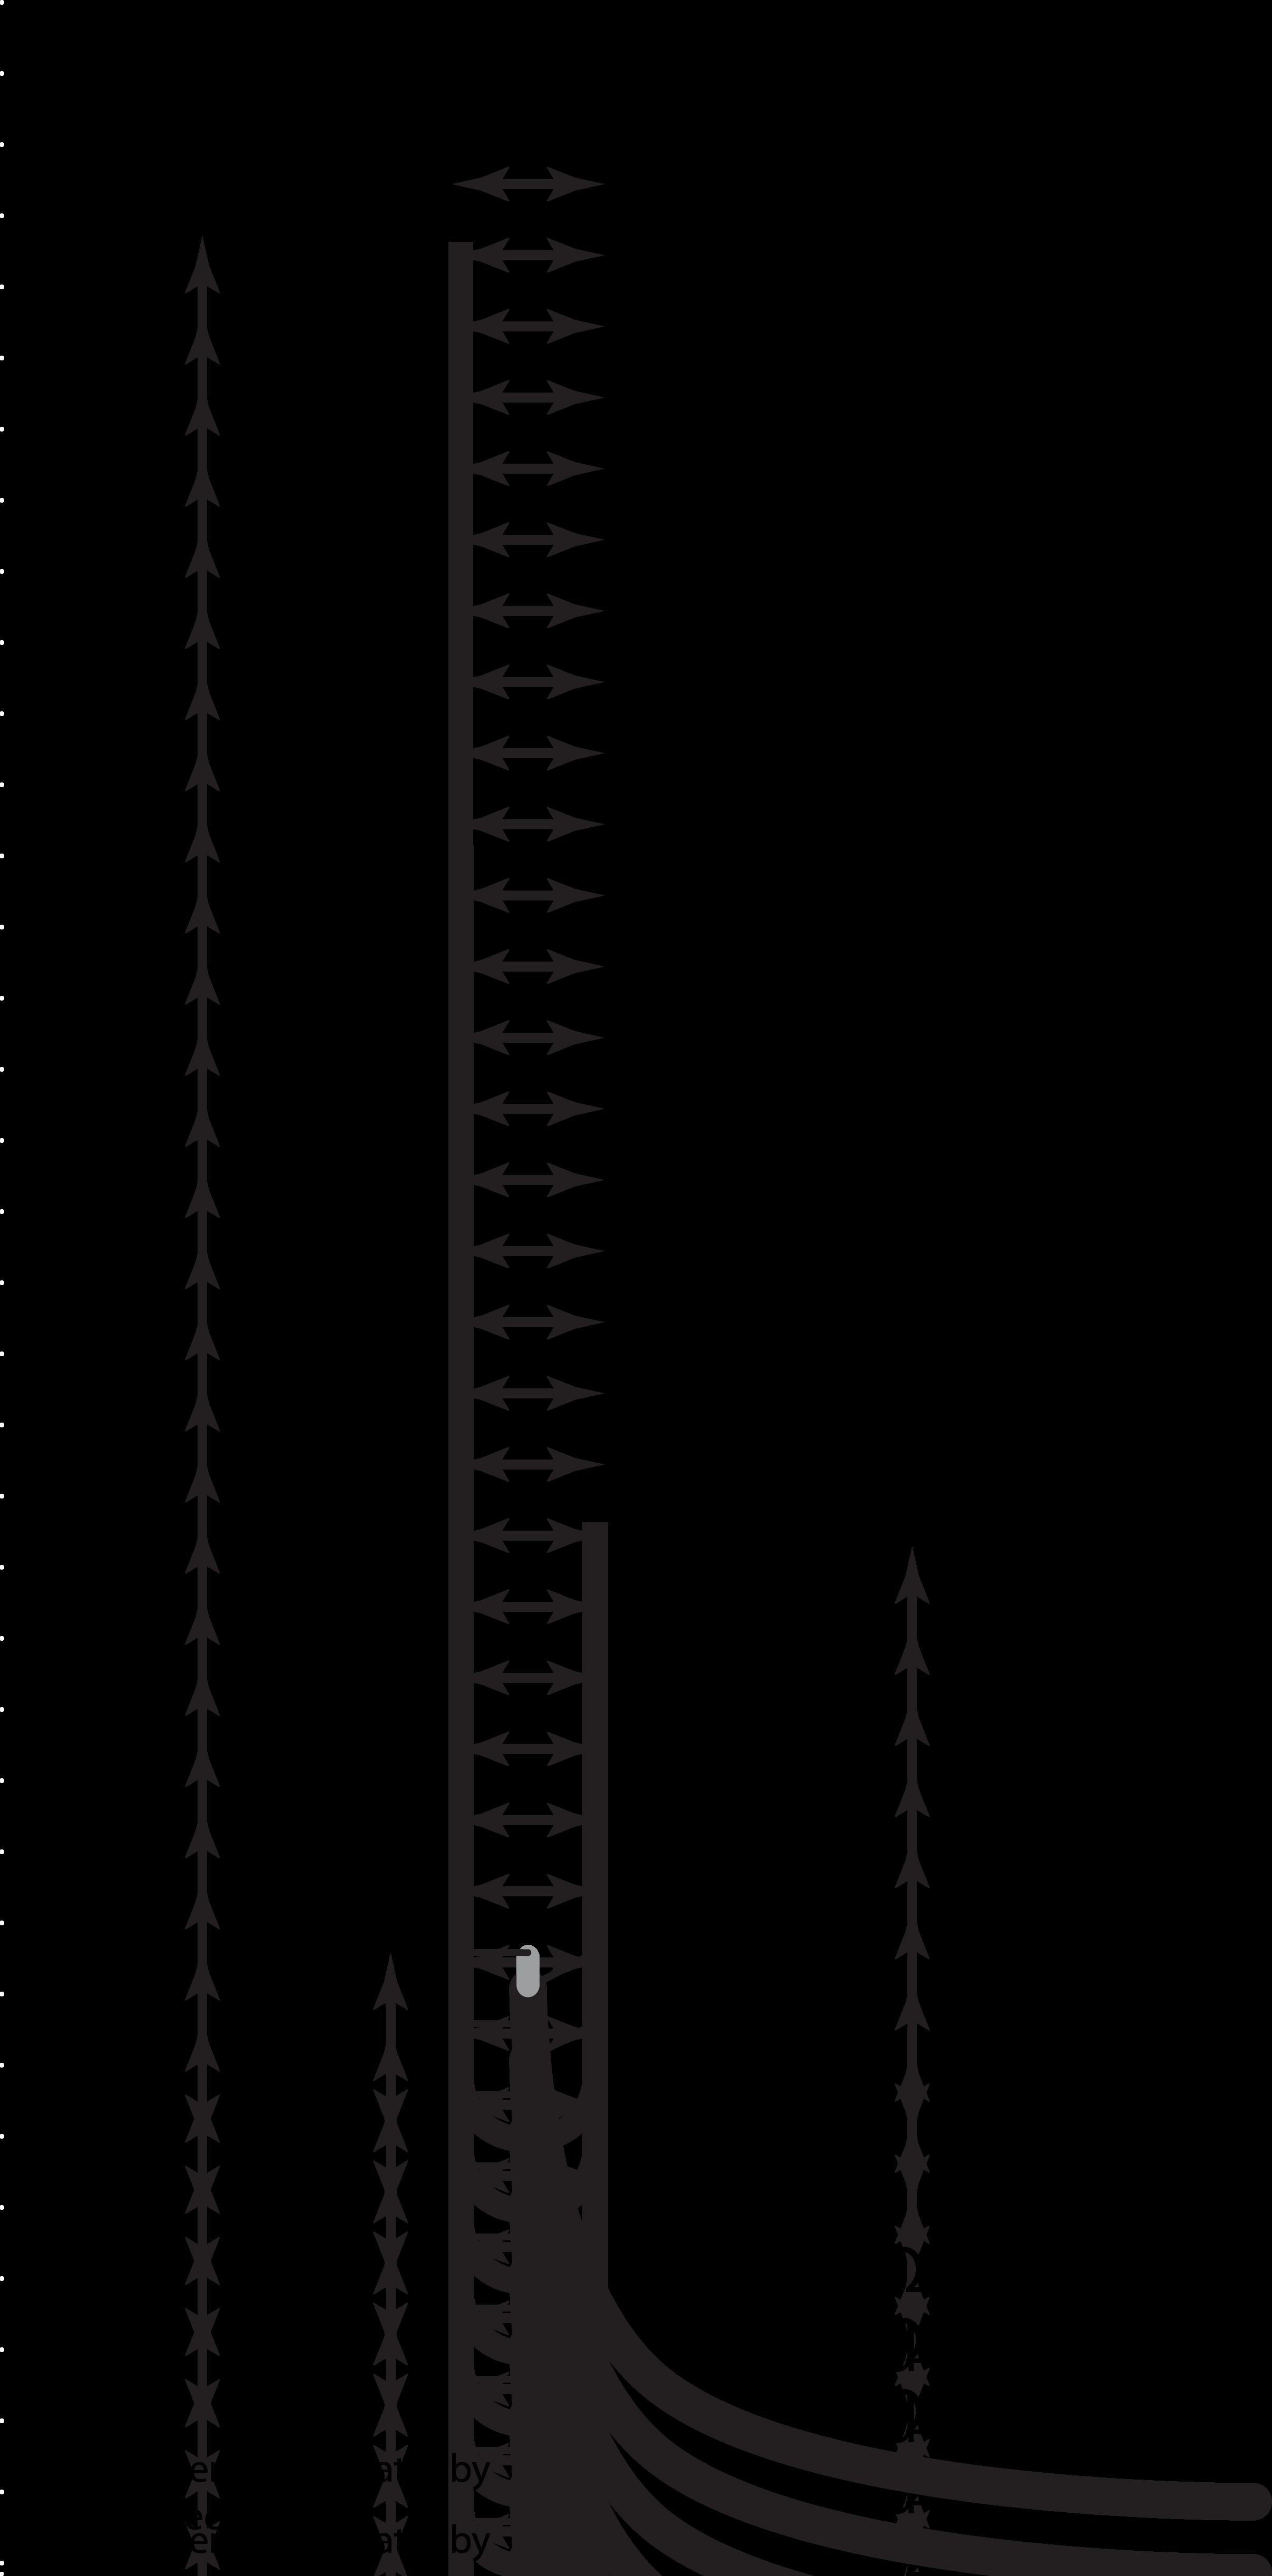 J Pole Antenna Design Calculator